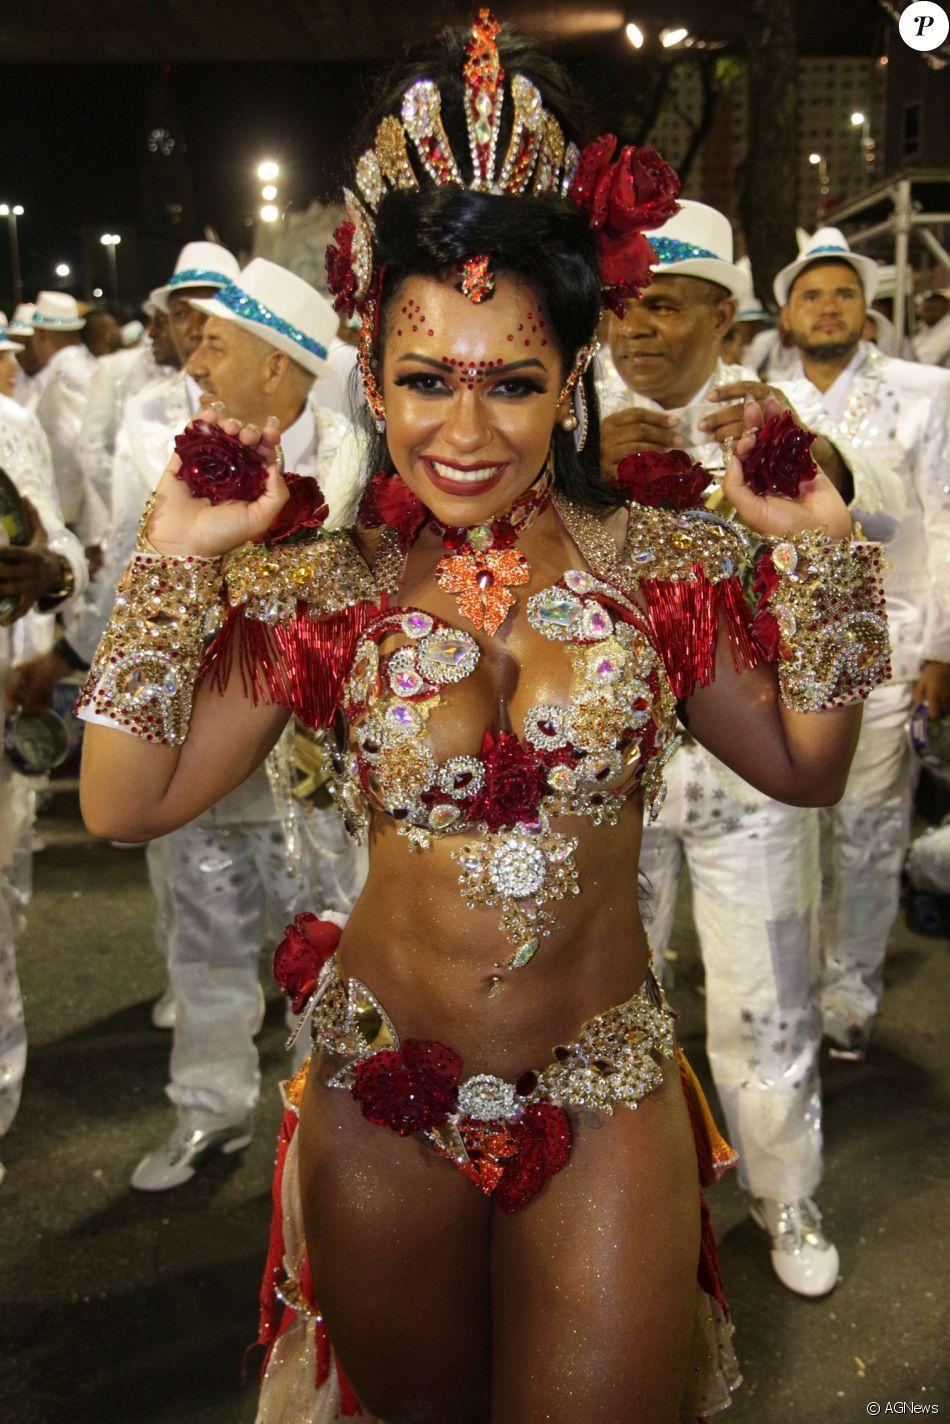 Raíssa Oliveira brilhou na avenida durante desfile da escola Beija-Flor na madrugada desta terça-feira, 13 de fevereiro de 2018